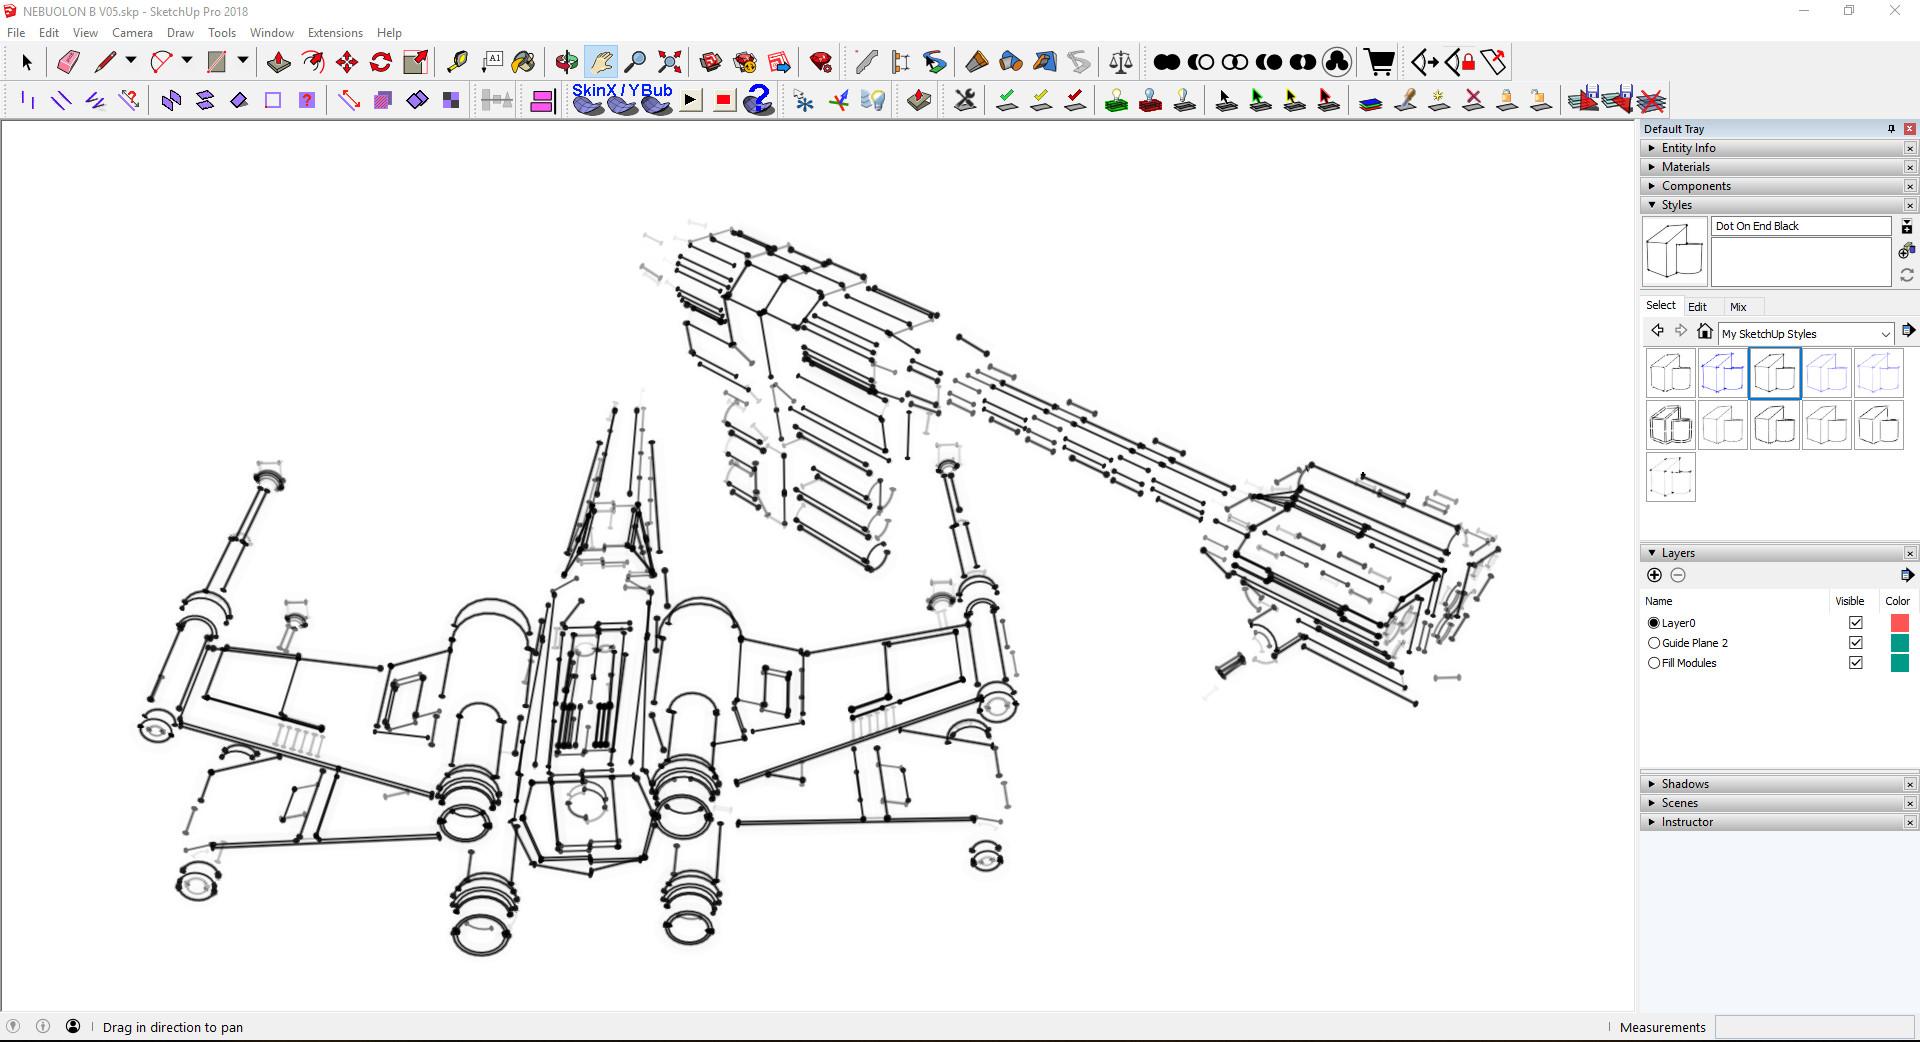 ArtStation - Star Wars The Fifth Fleet - Work in Progress ... on